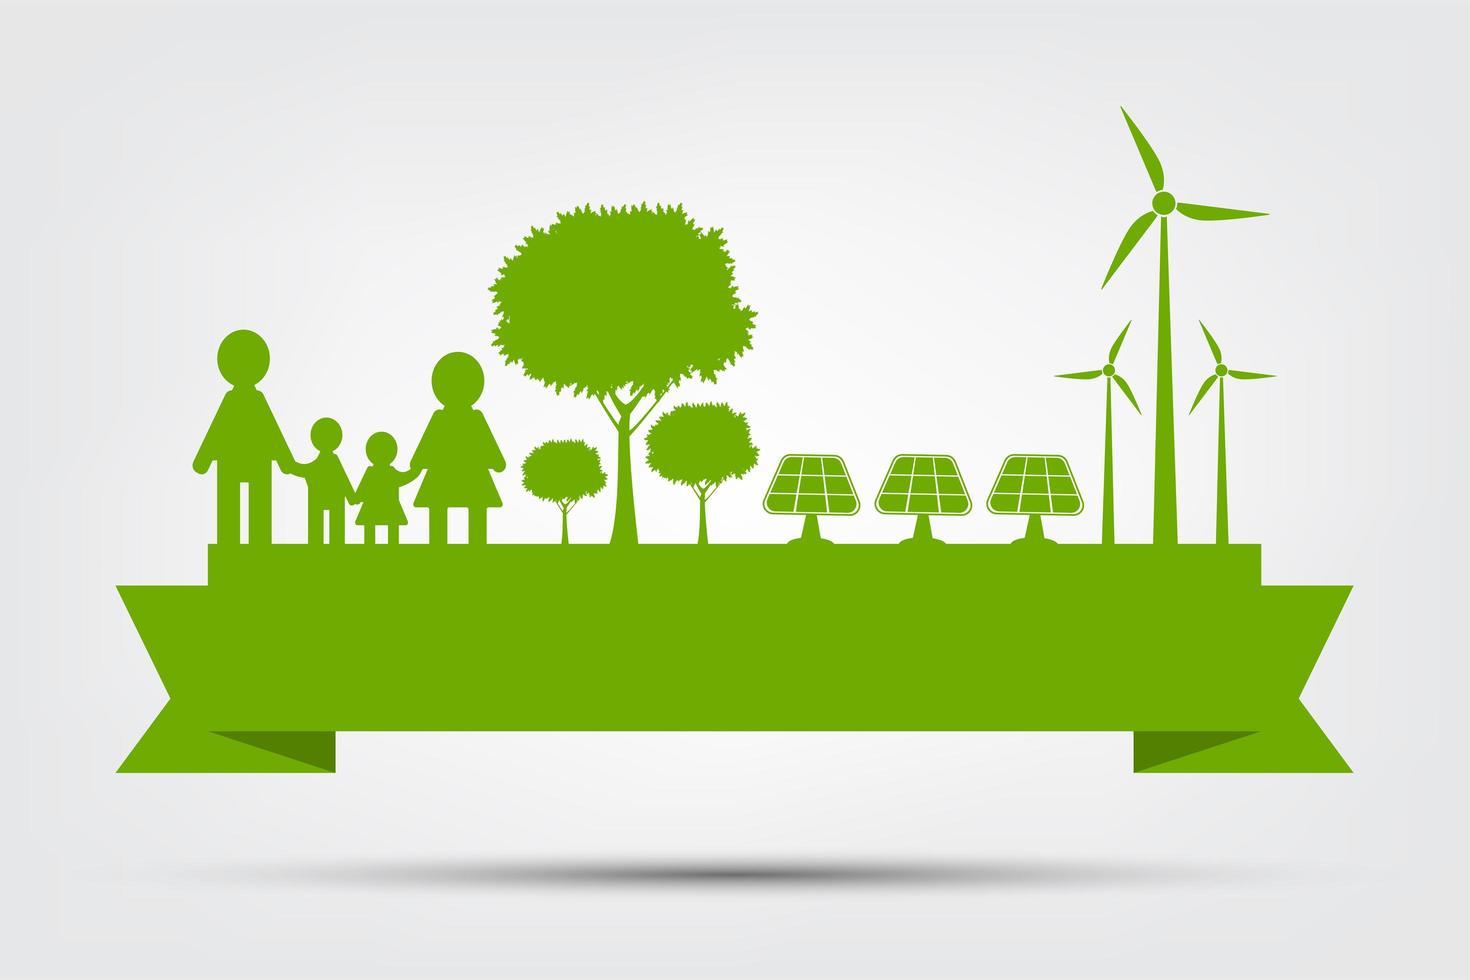 concepto abstracto eco verde vector